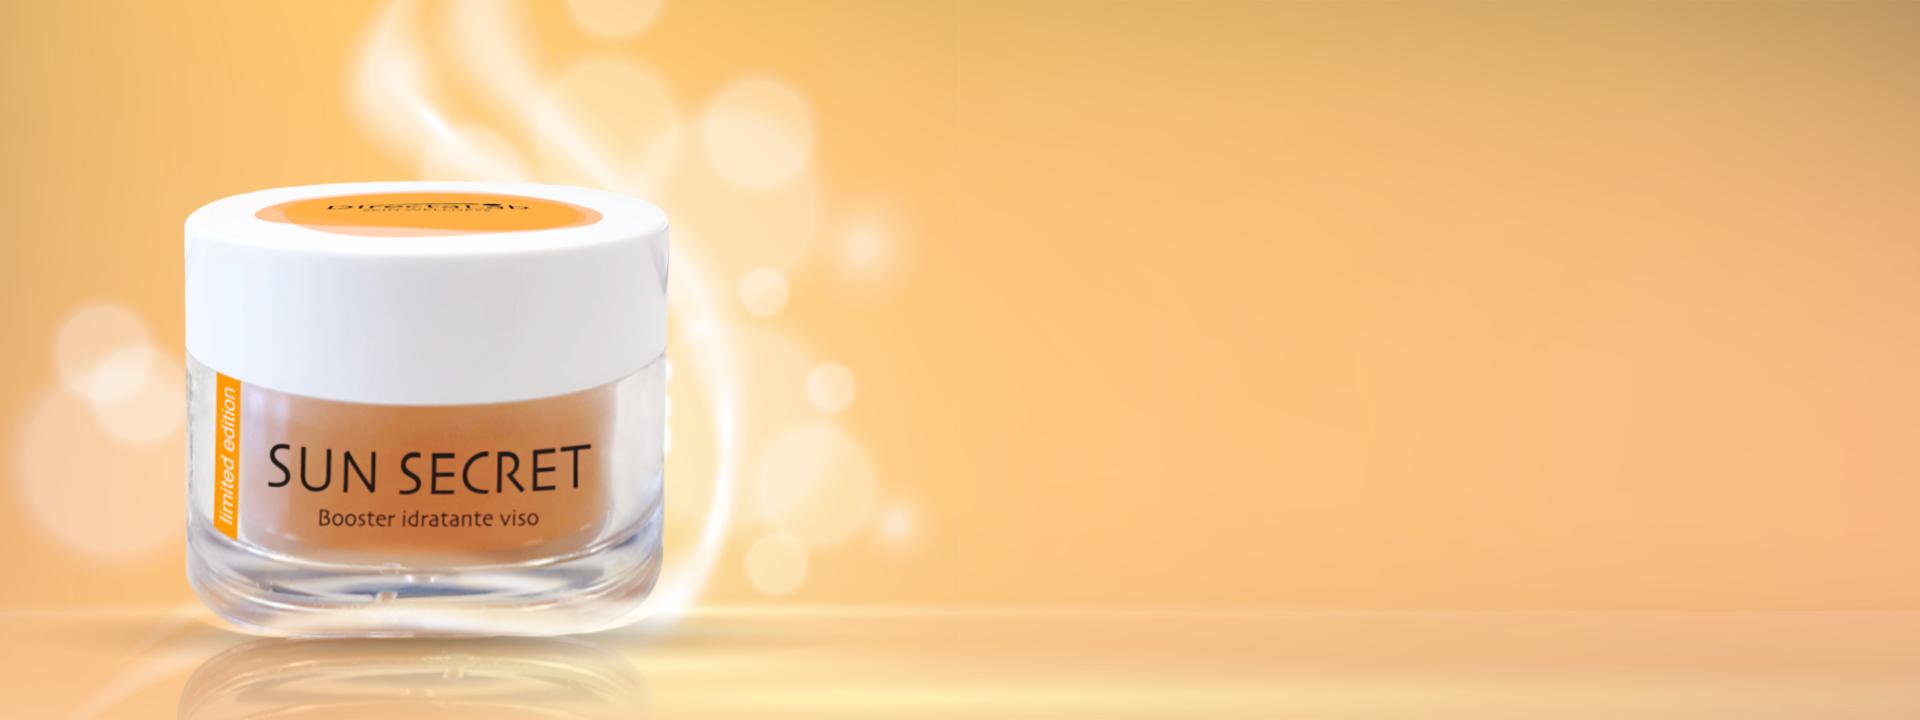 Nuovo trattamento viso in edizione limitata ad azione idratante e liftante